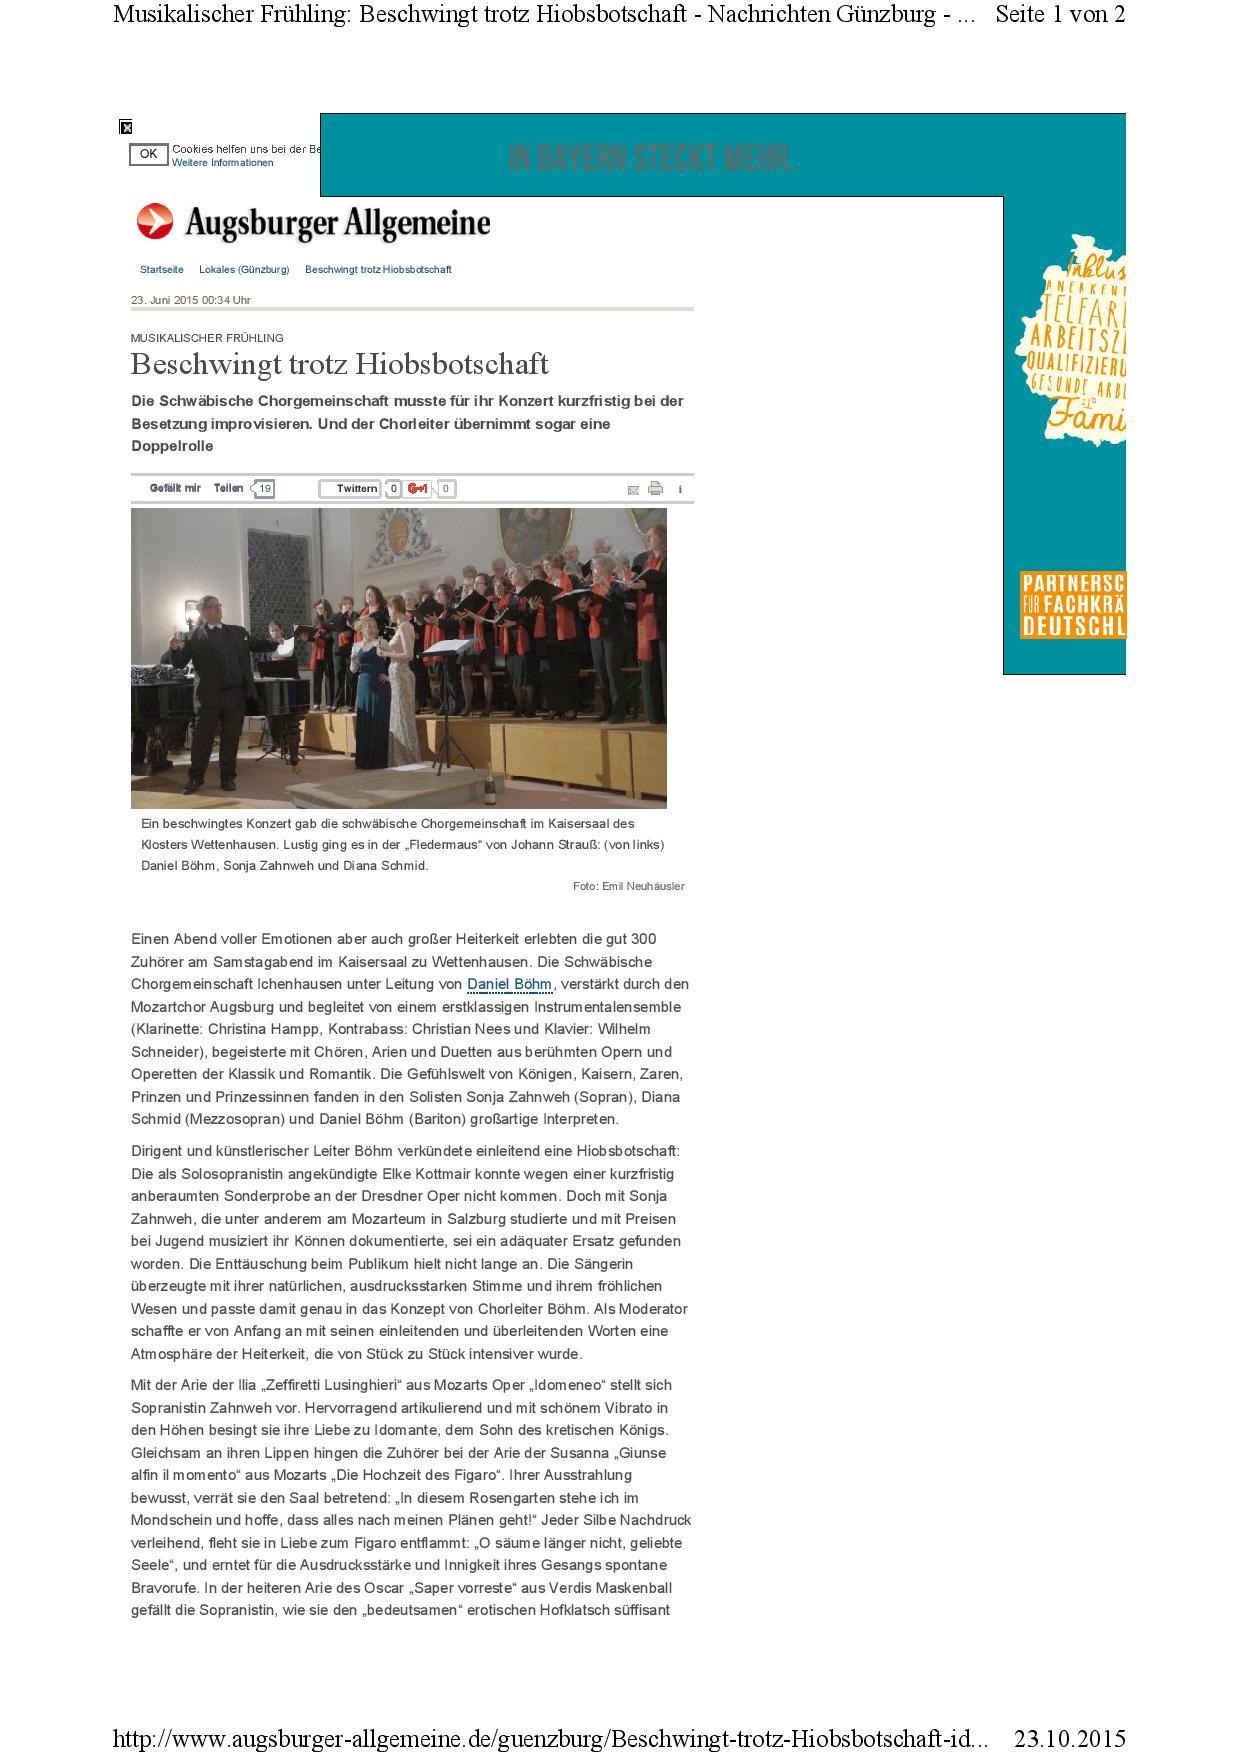 az_artikel_23102015-page-001